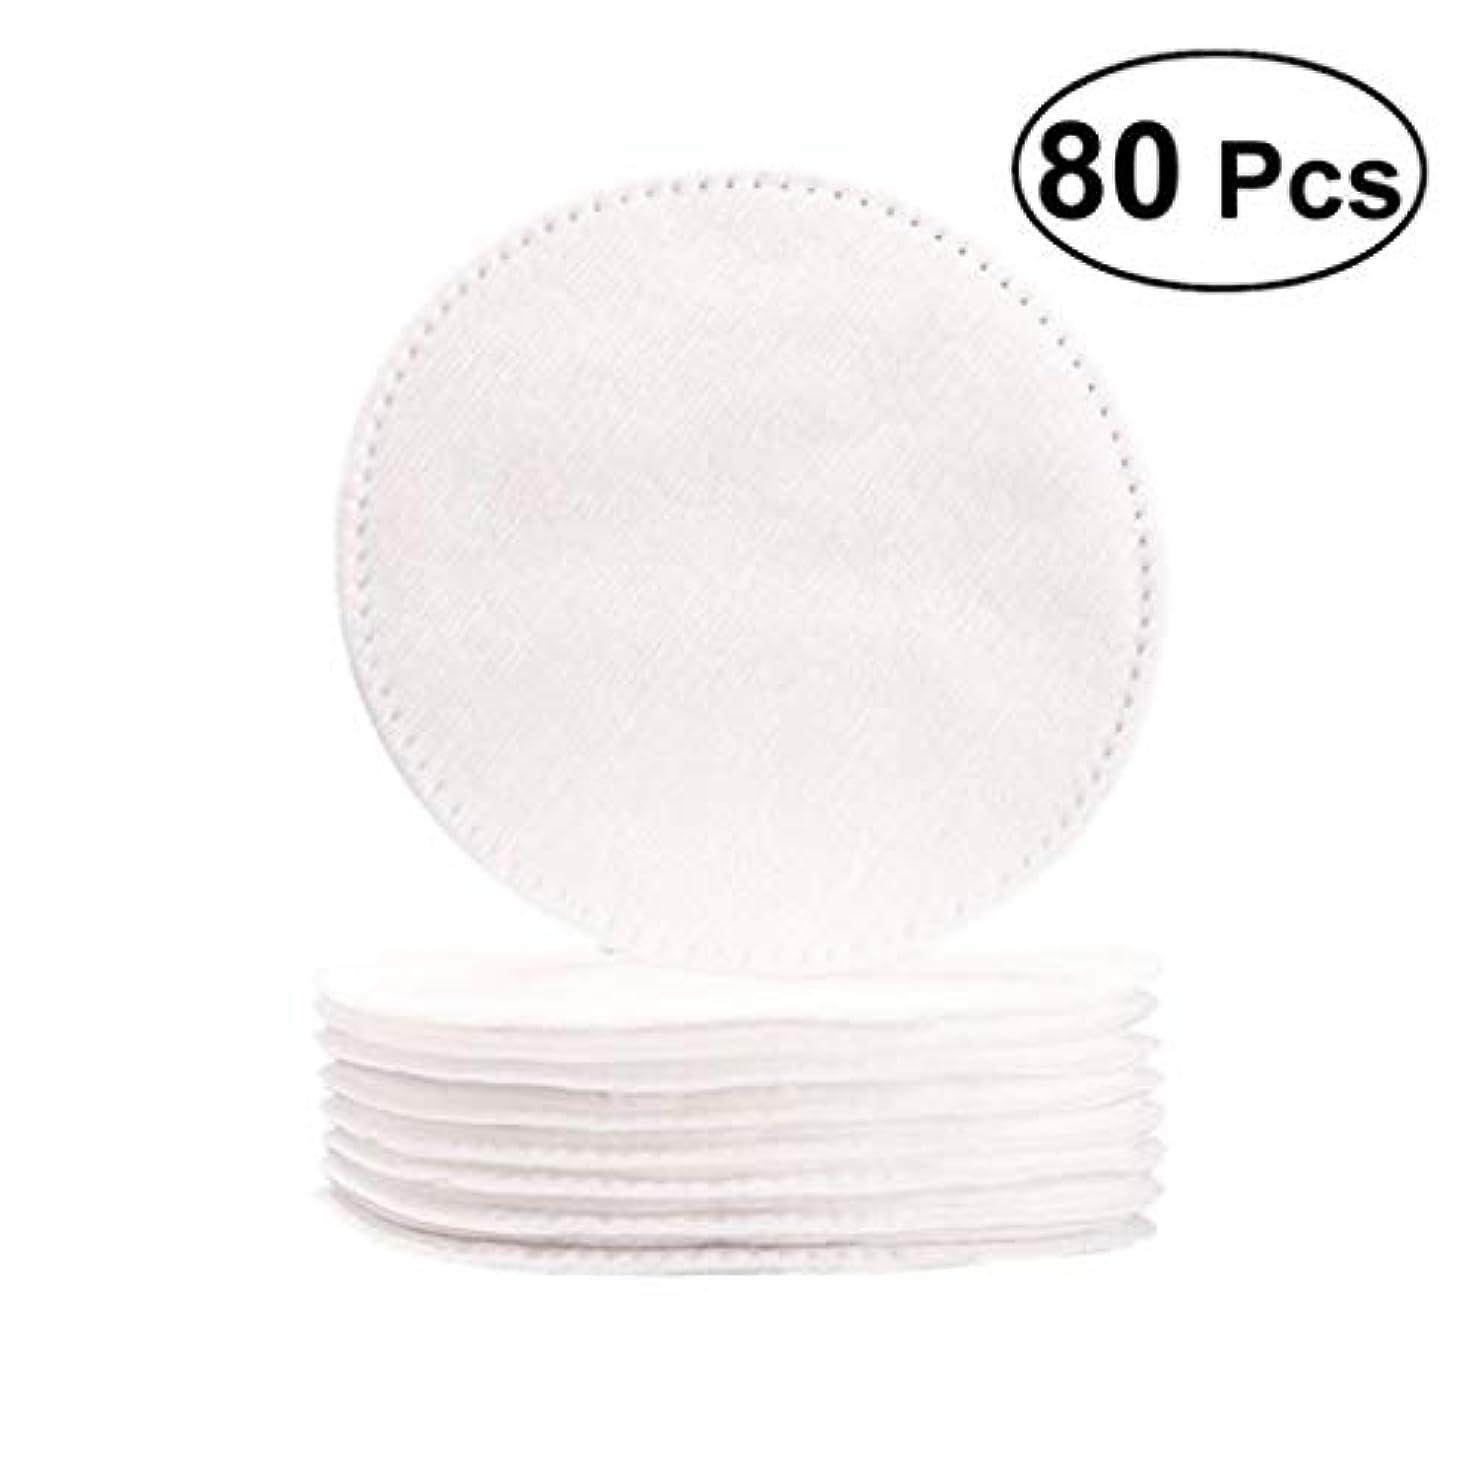 ラビリンス礼拝ナイトスポットクレンジングシート 80ピースコットンパッド使い捨てダブルフェイスクレンジングクリーニングパッドフェイシャルコットンシートネイルスキンケアコットンパッド (Color : White, サイズ : 5.5cm)